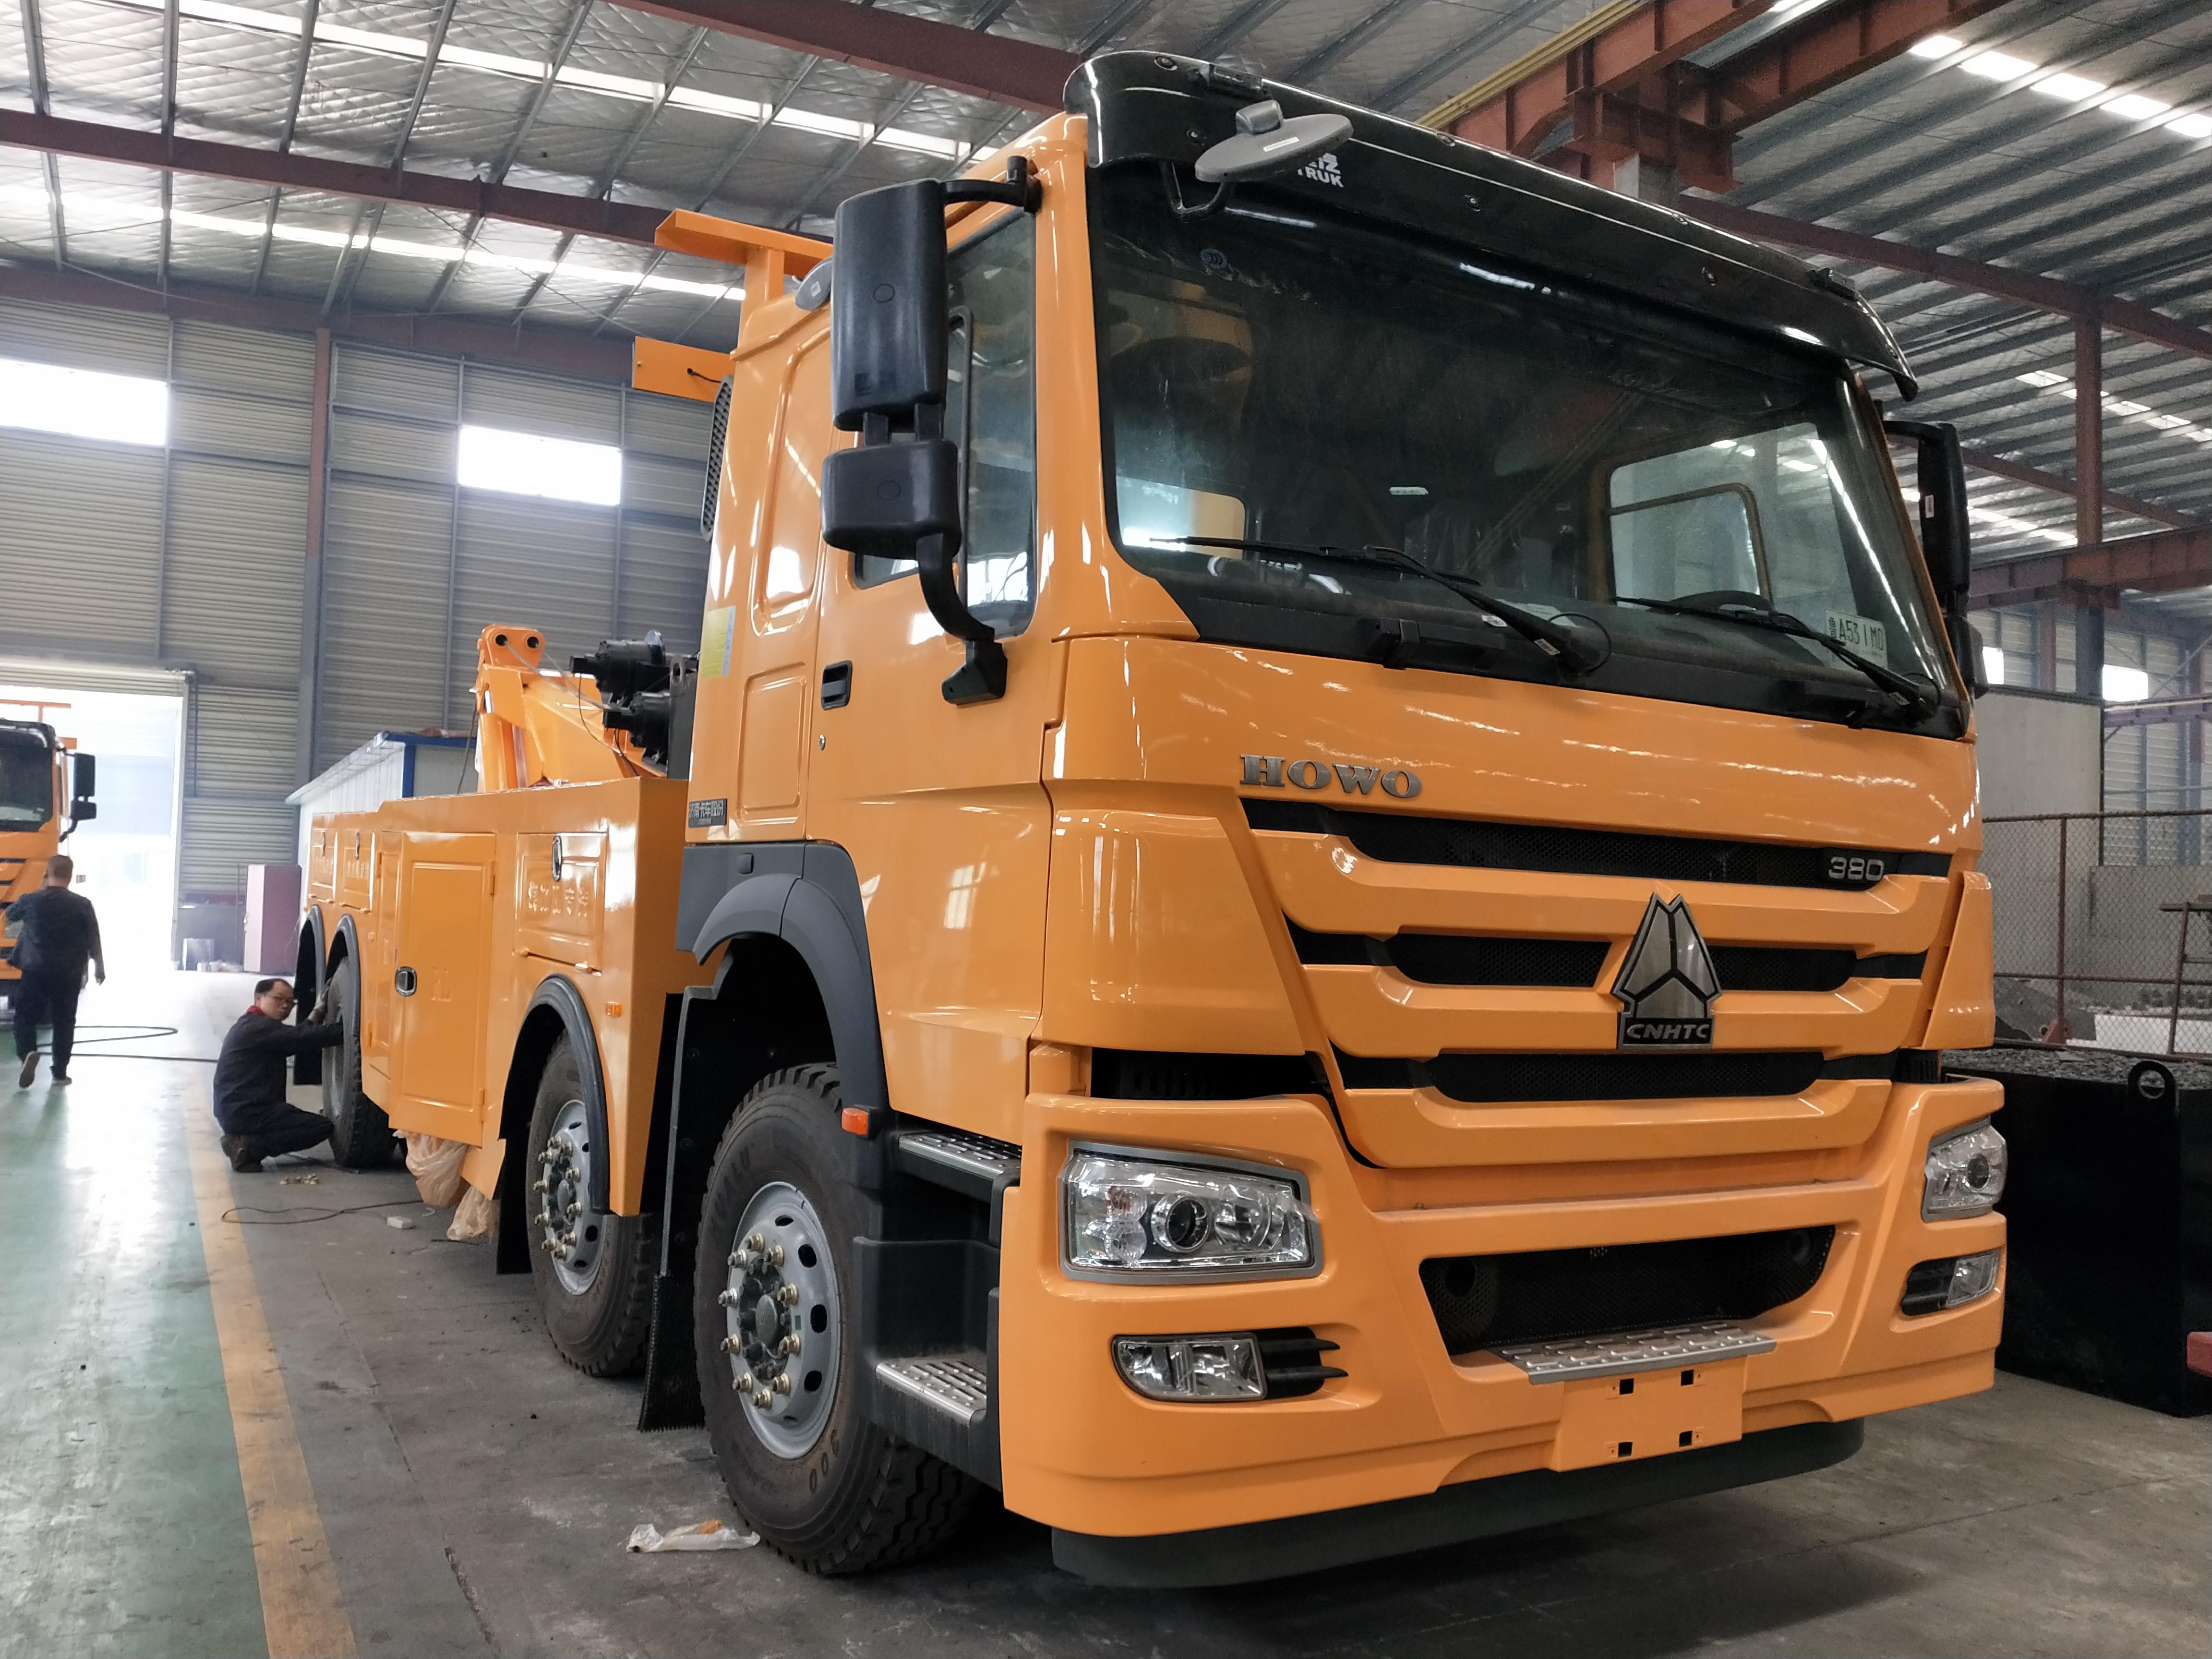 重汽豪沃380马力大型拖车救援车厂家_双10吨绞盘拖车价格